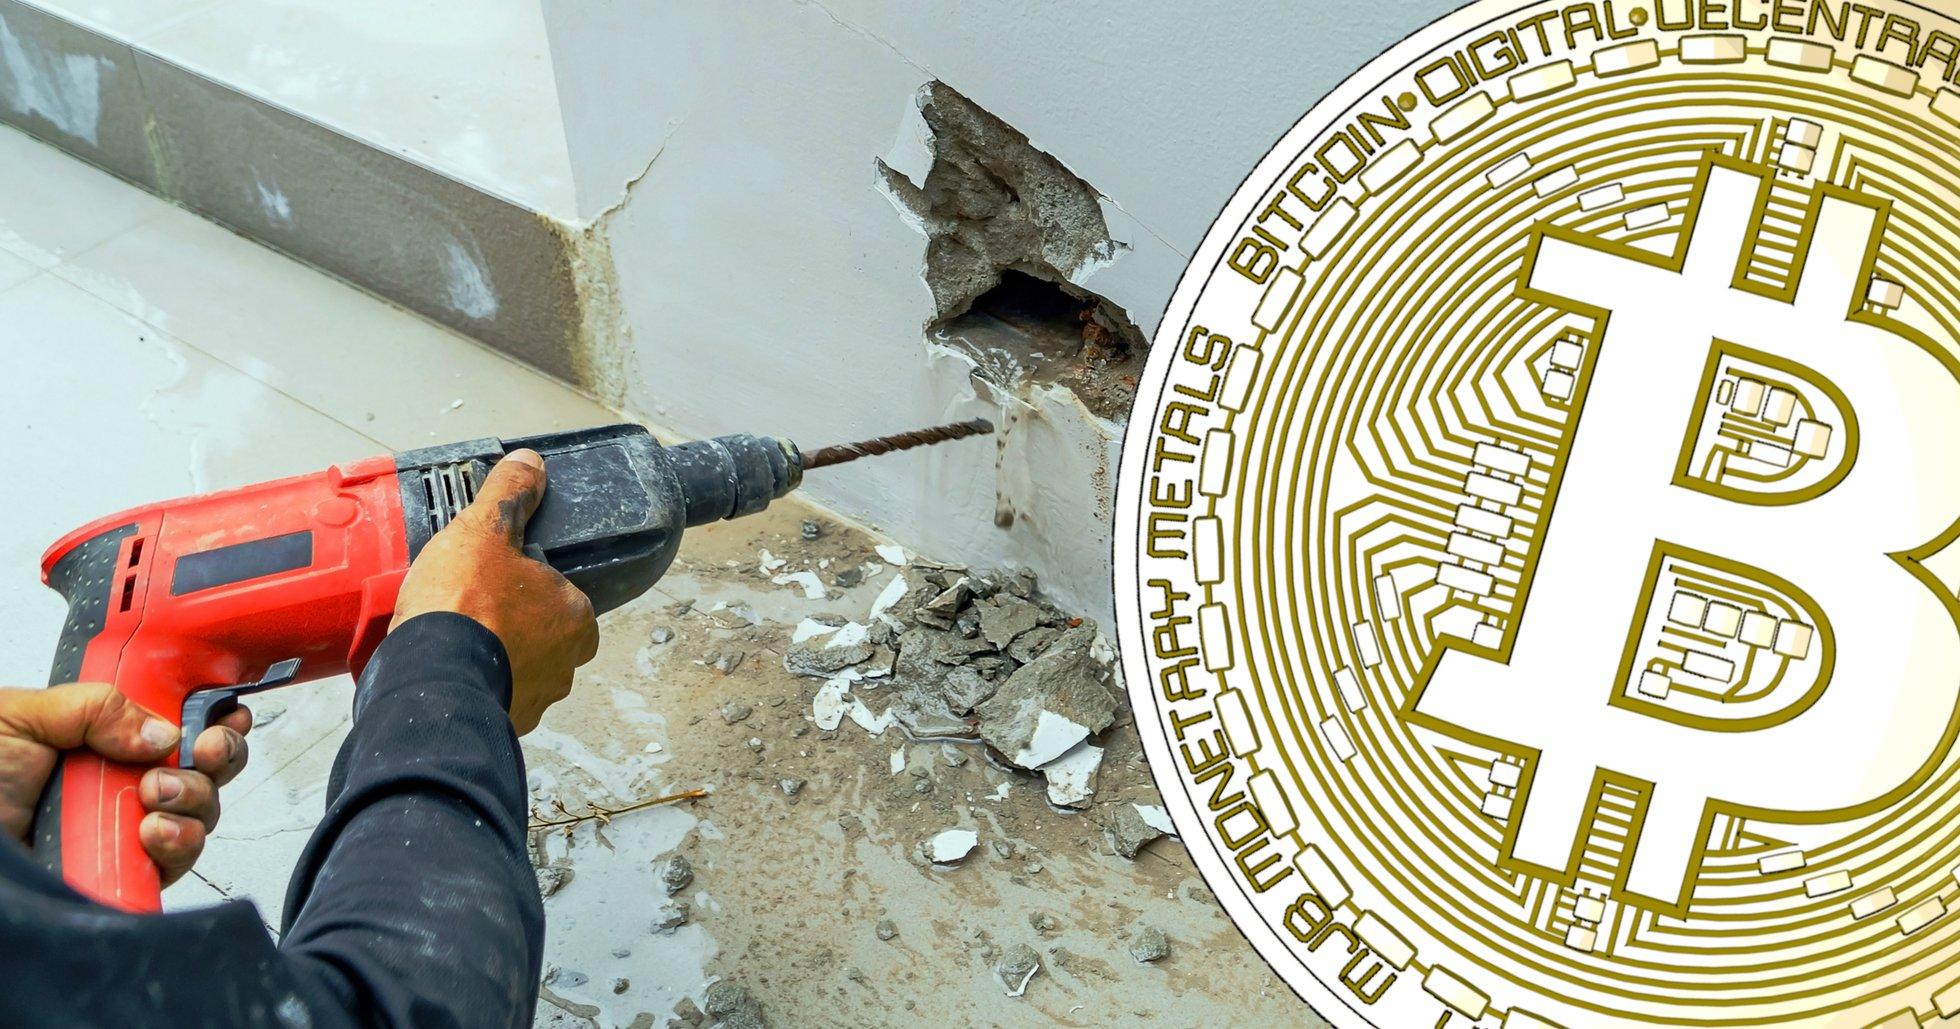 Misstänkta tjuvar borrade genom betongvägg – för att stjäla 85 bitcoinmaskiner.